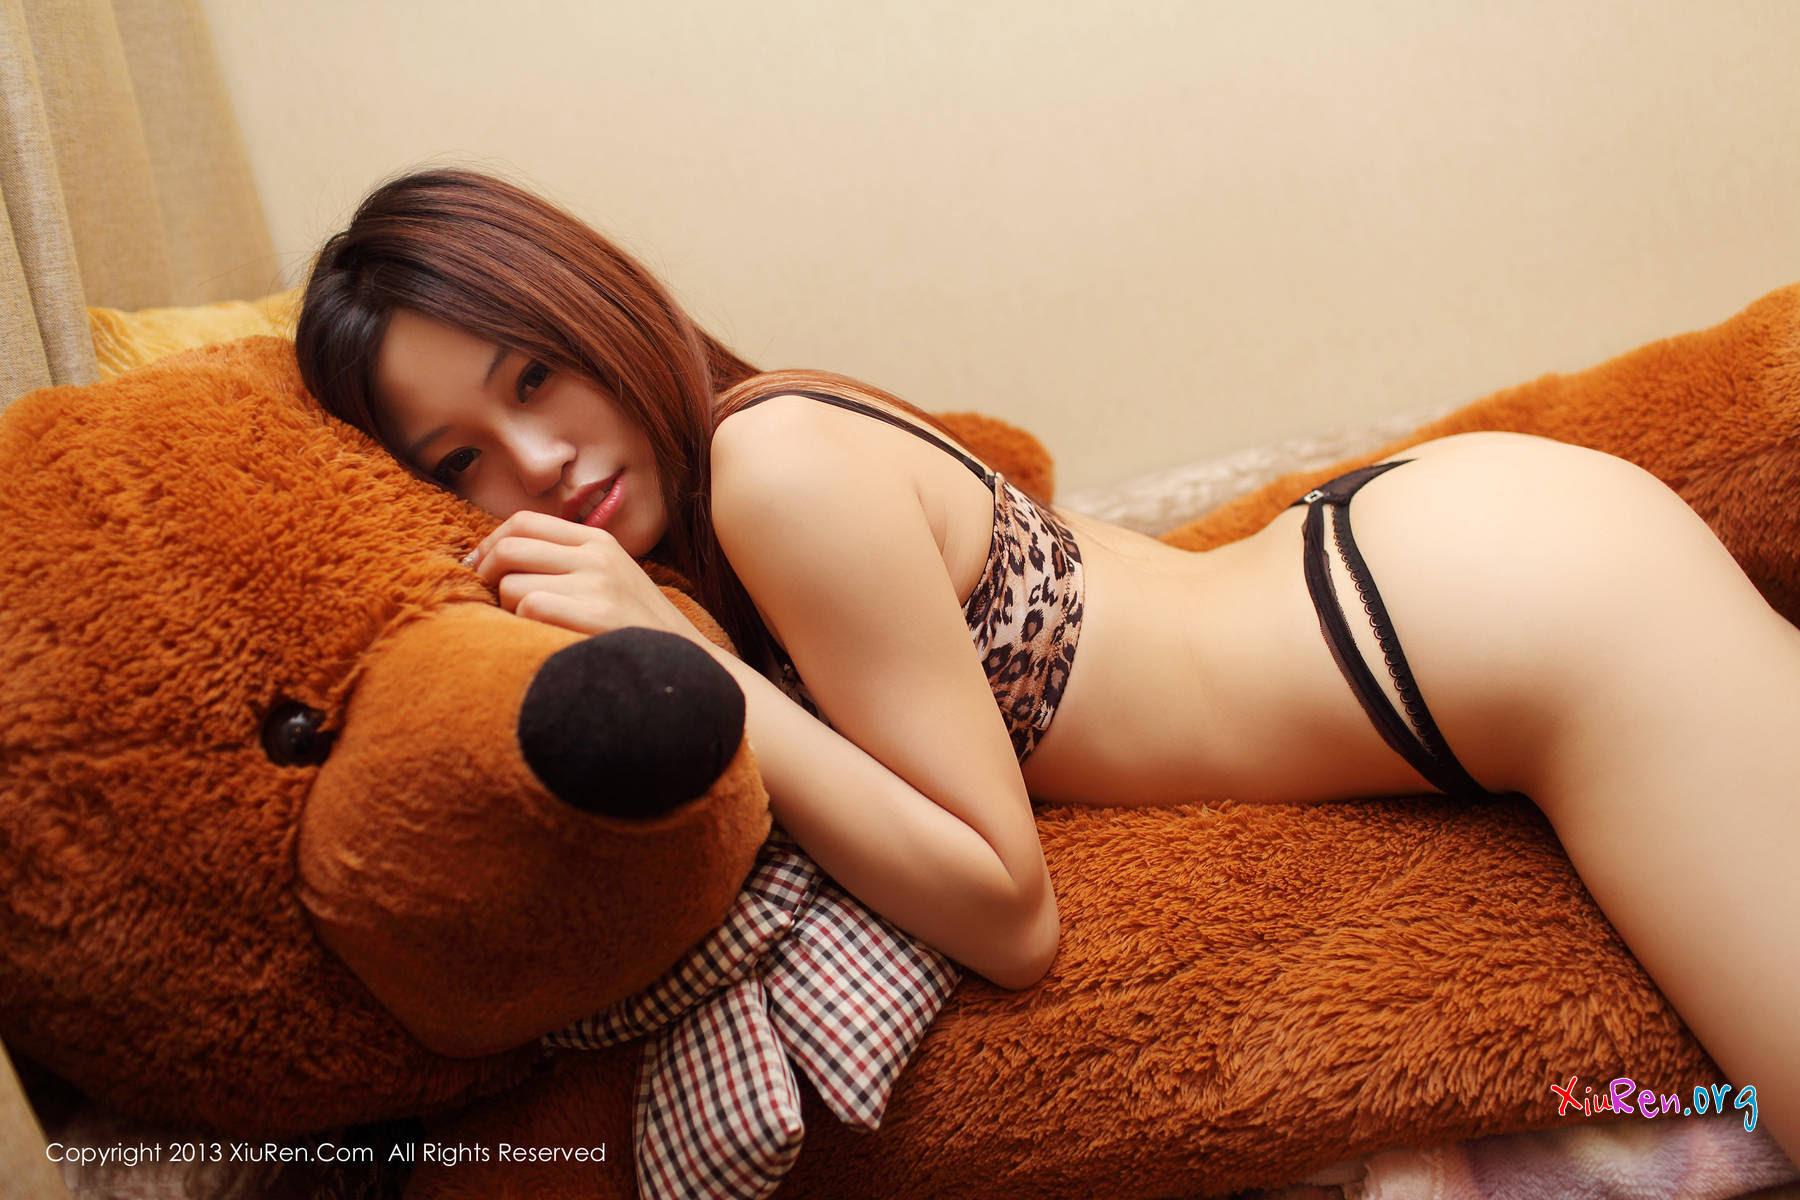 PhimVu-Blog-XiuRen-N00043-baby-0062.jpg